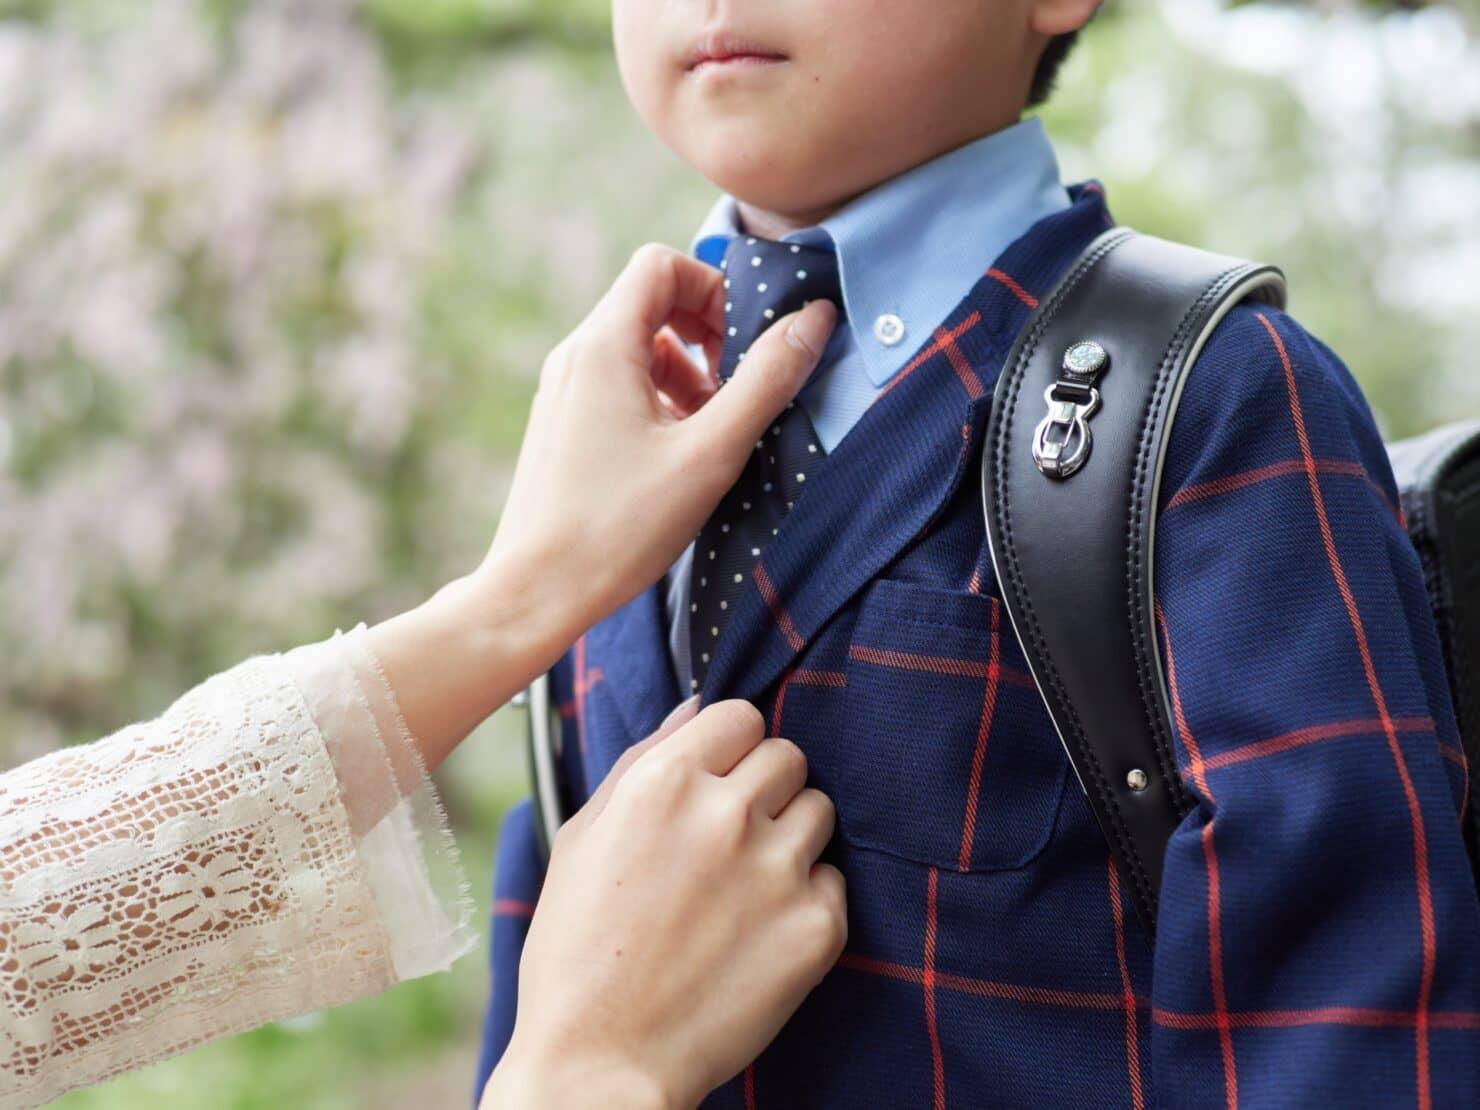 【2020年小学校の入学式の服装】男の子におすすめのスーツ19選。ズボン丈やベストなど入学式用スーツの選び方